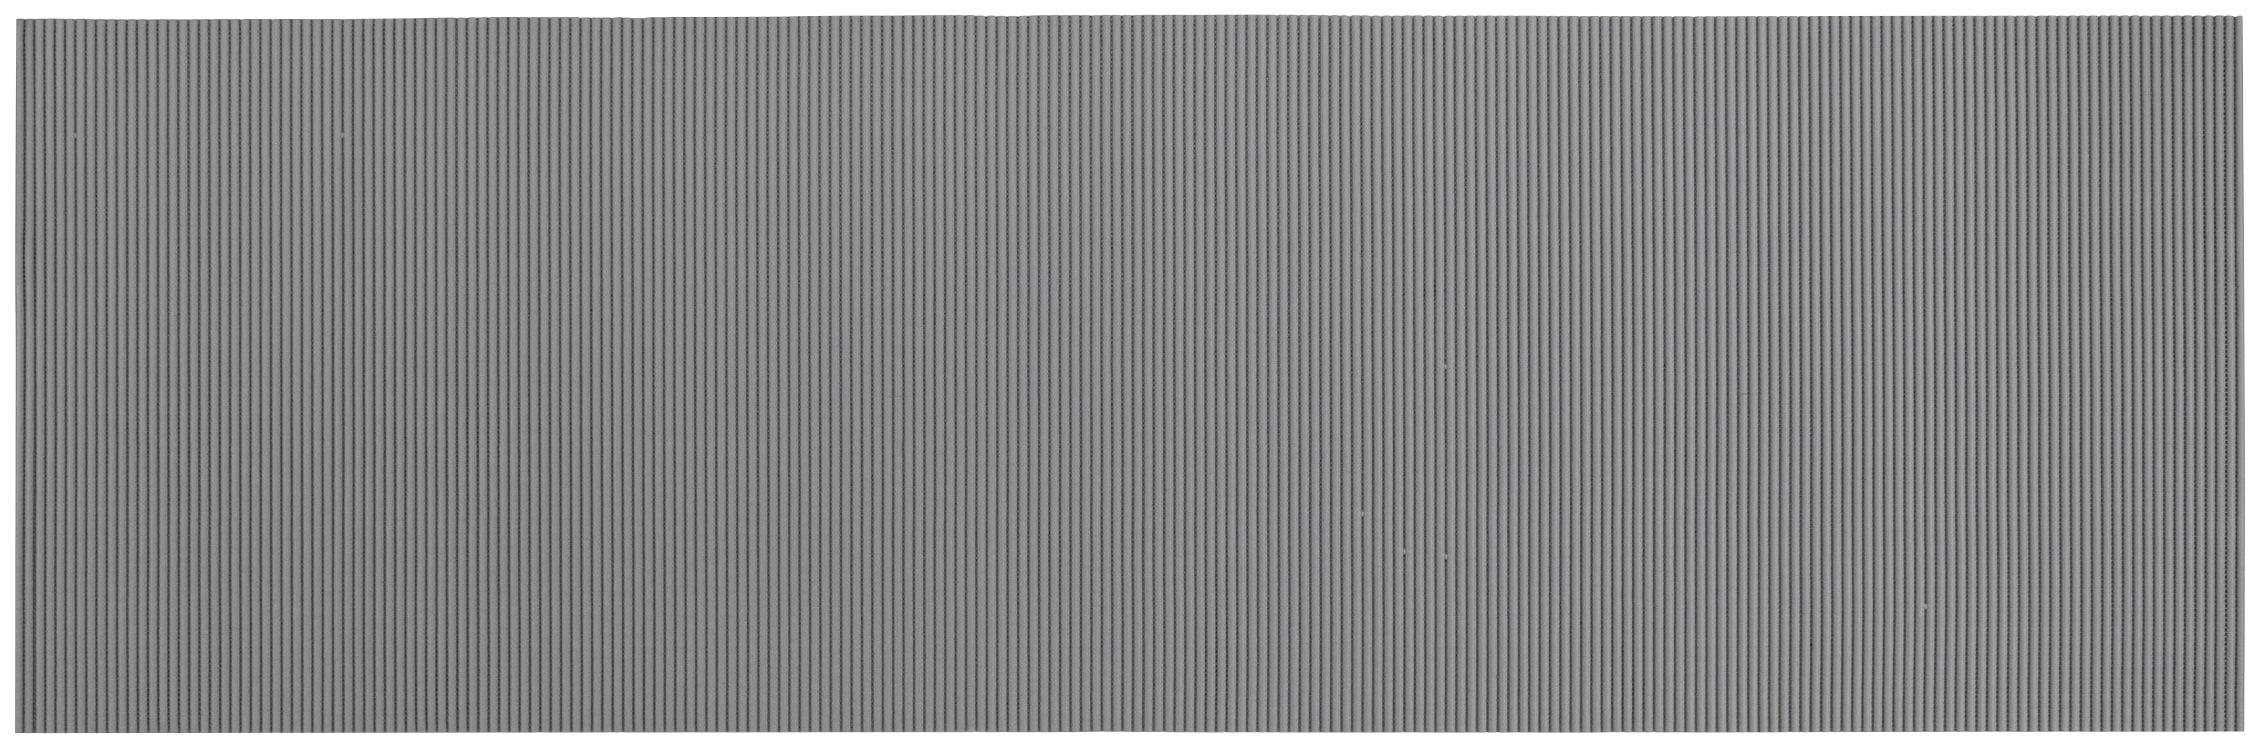 WENKO Badematte, Höhe 50 mm, BxL: 65 x 200 cm grau Badematte Badematten